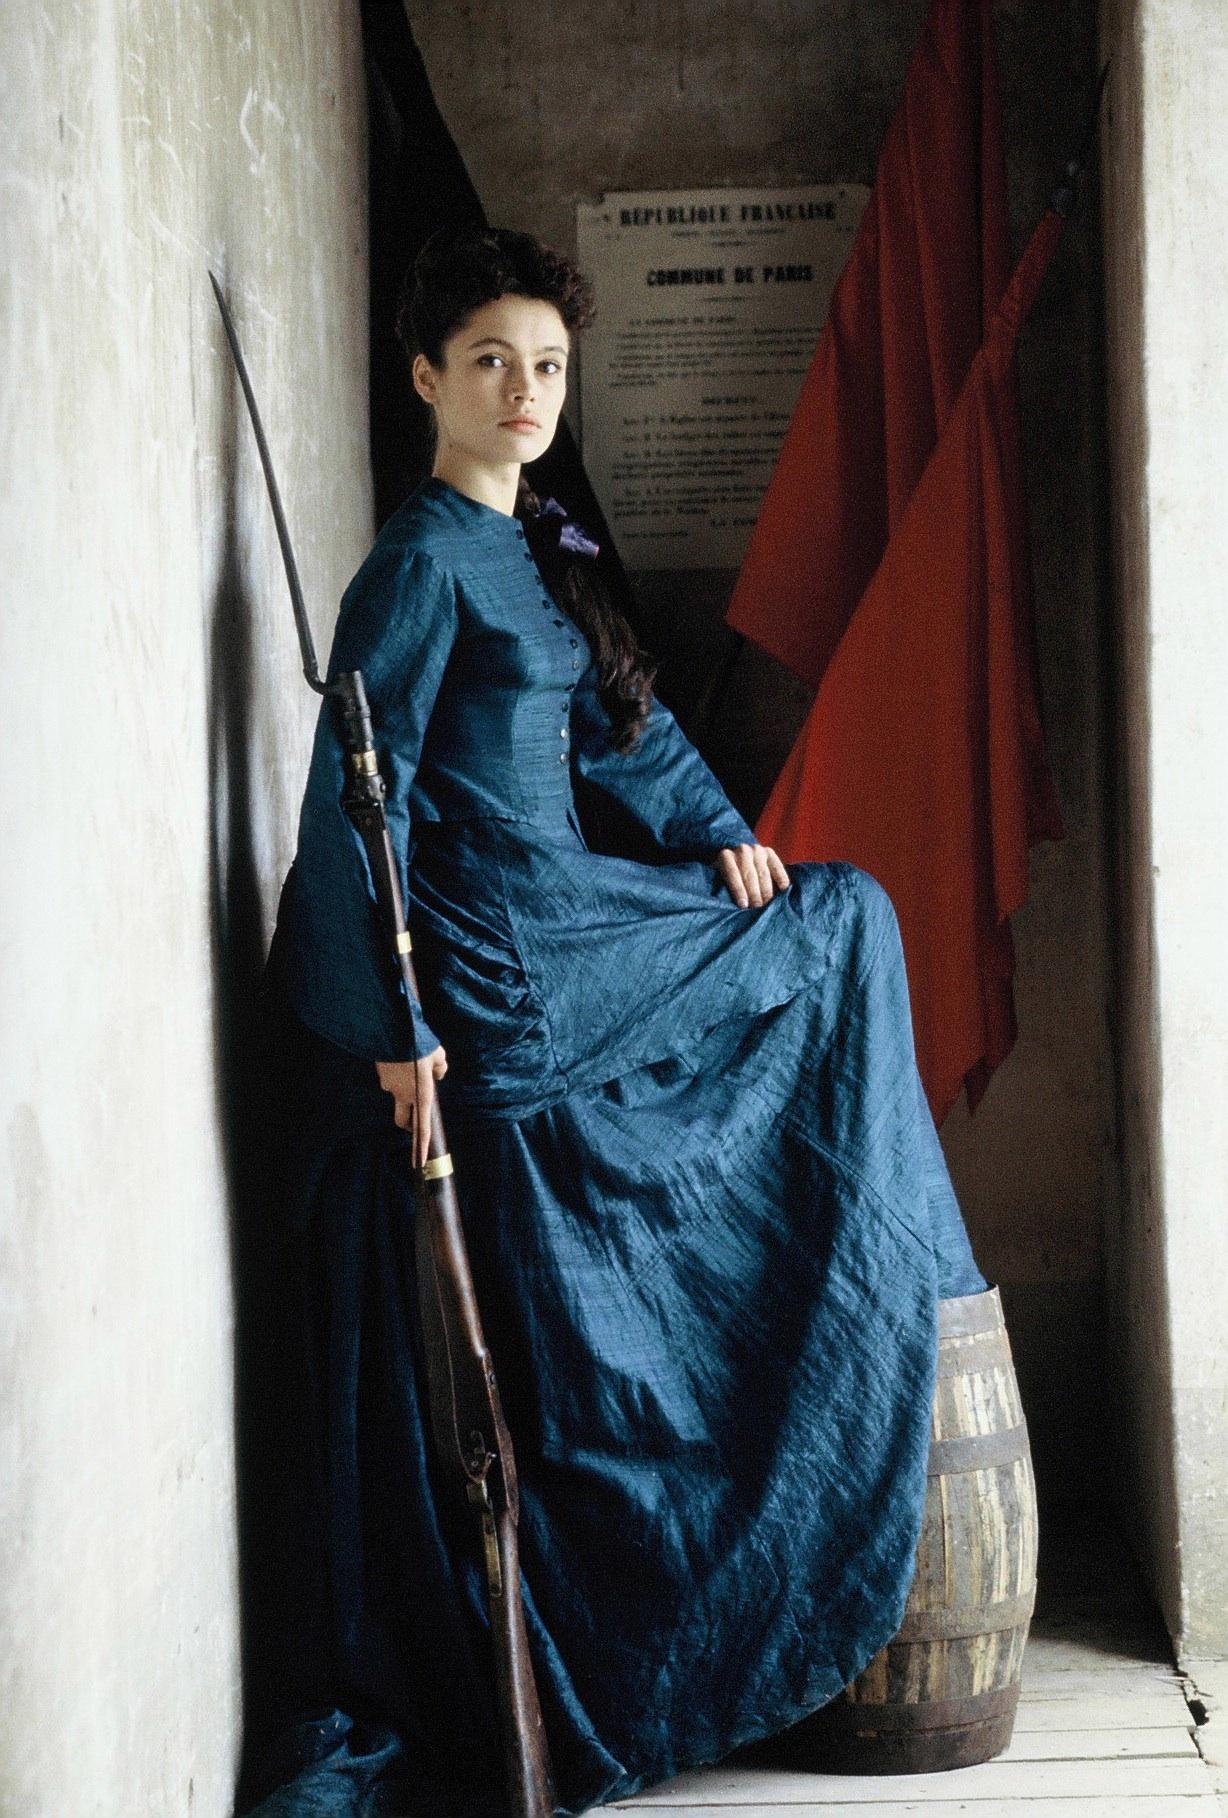 Ana Padrão in 1871 (1990)